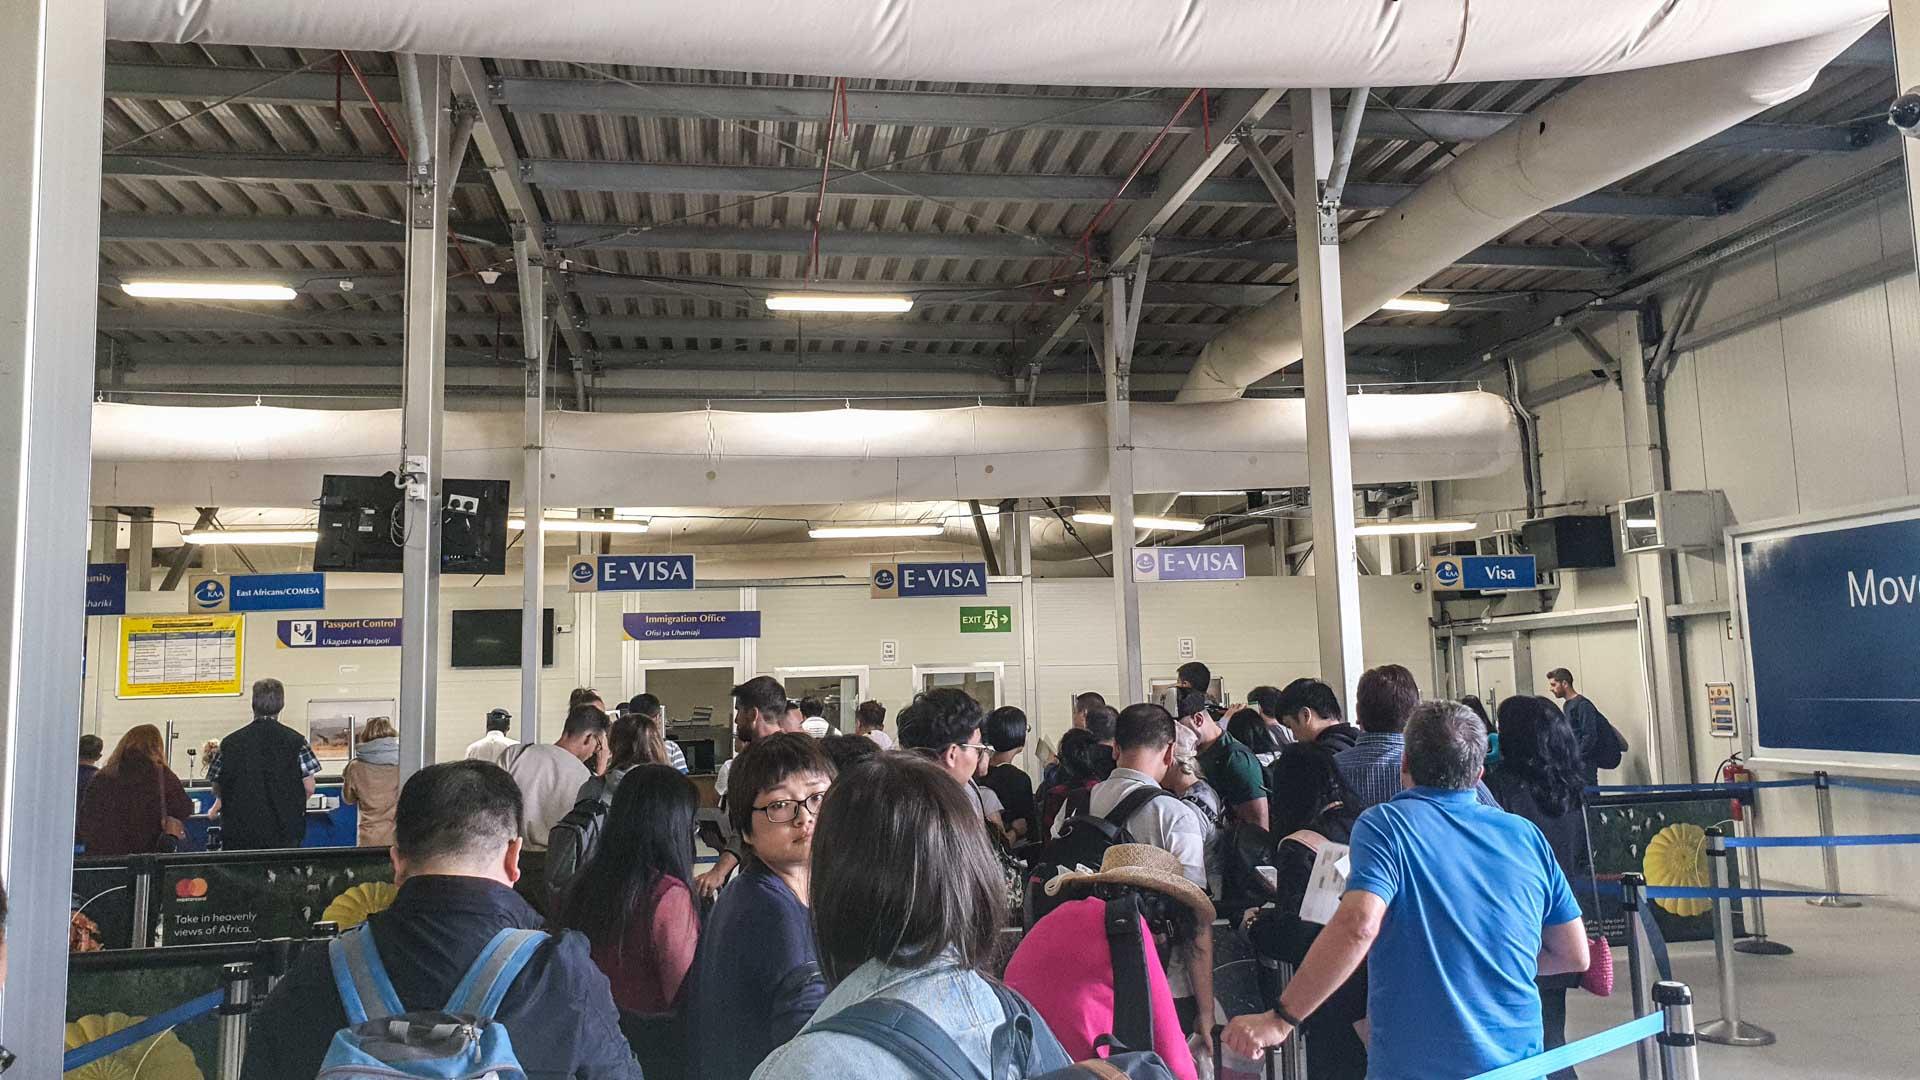 Haciendo cola en el Aeropuerto de Nairobi para presentar la E-Visa